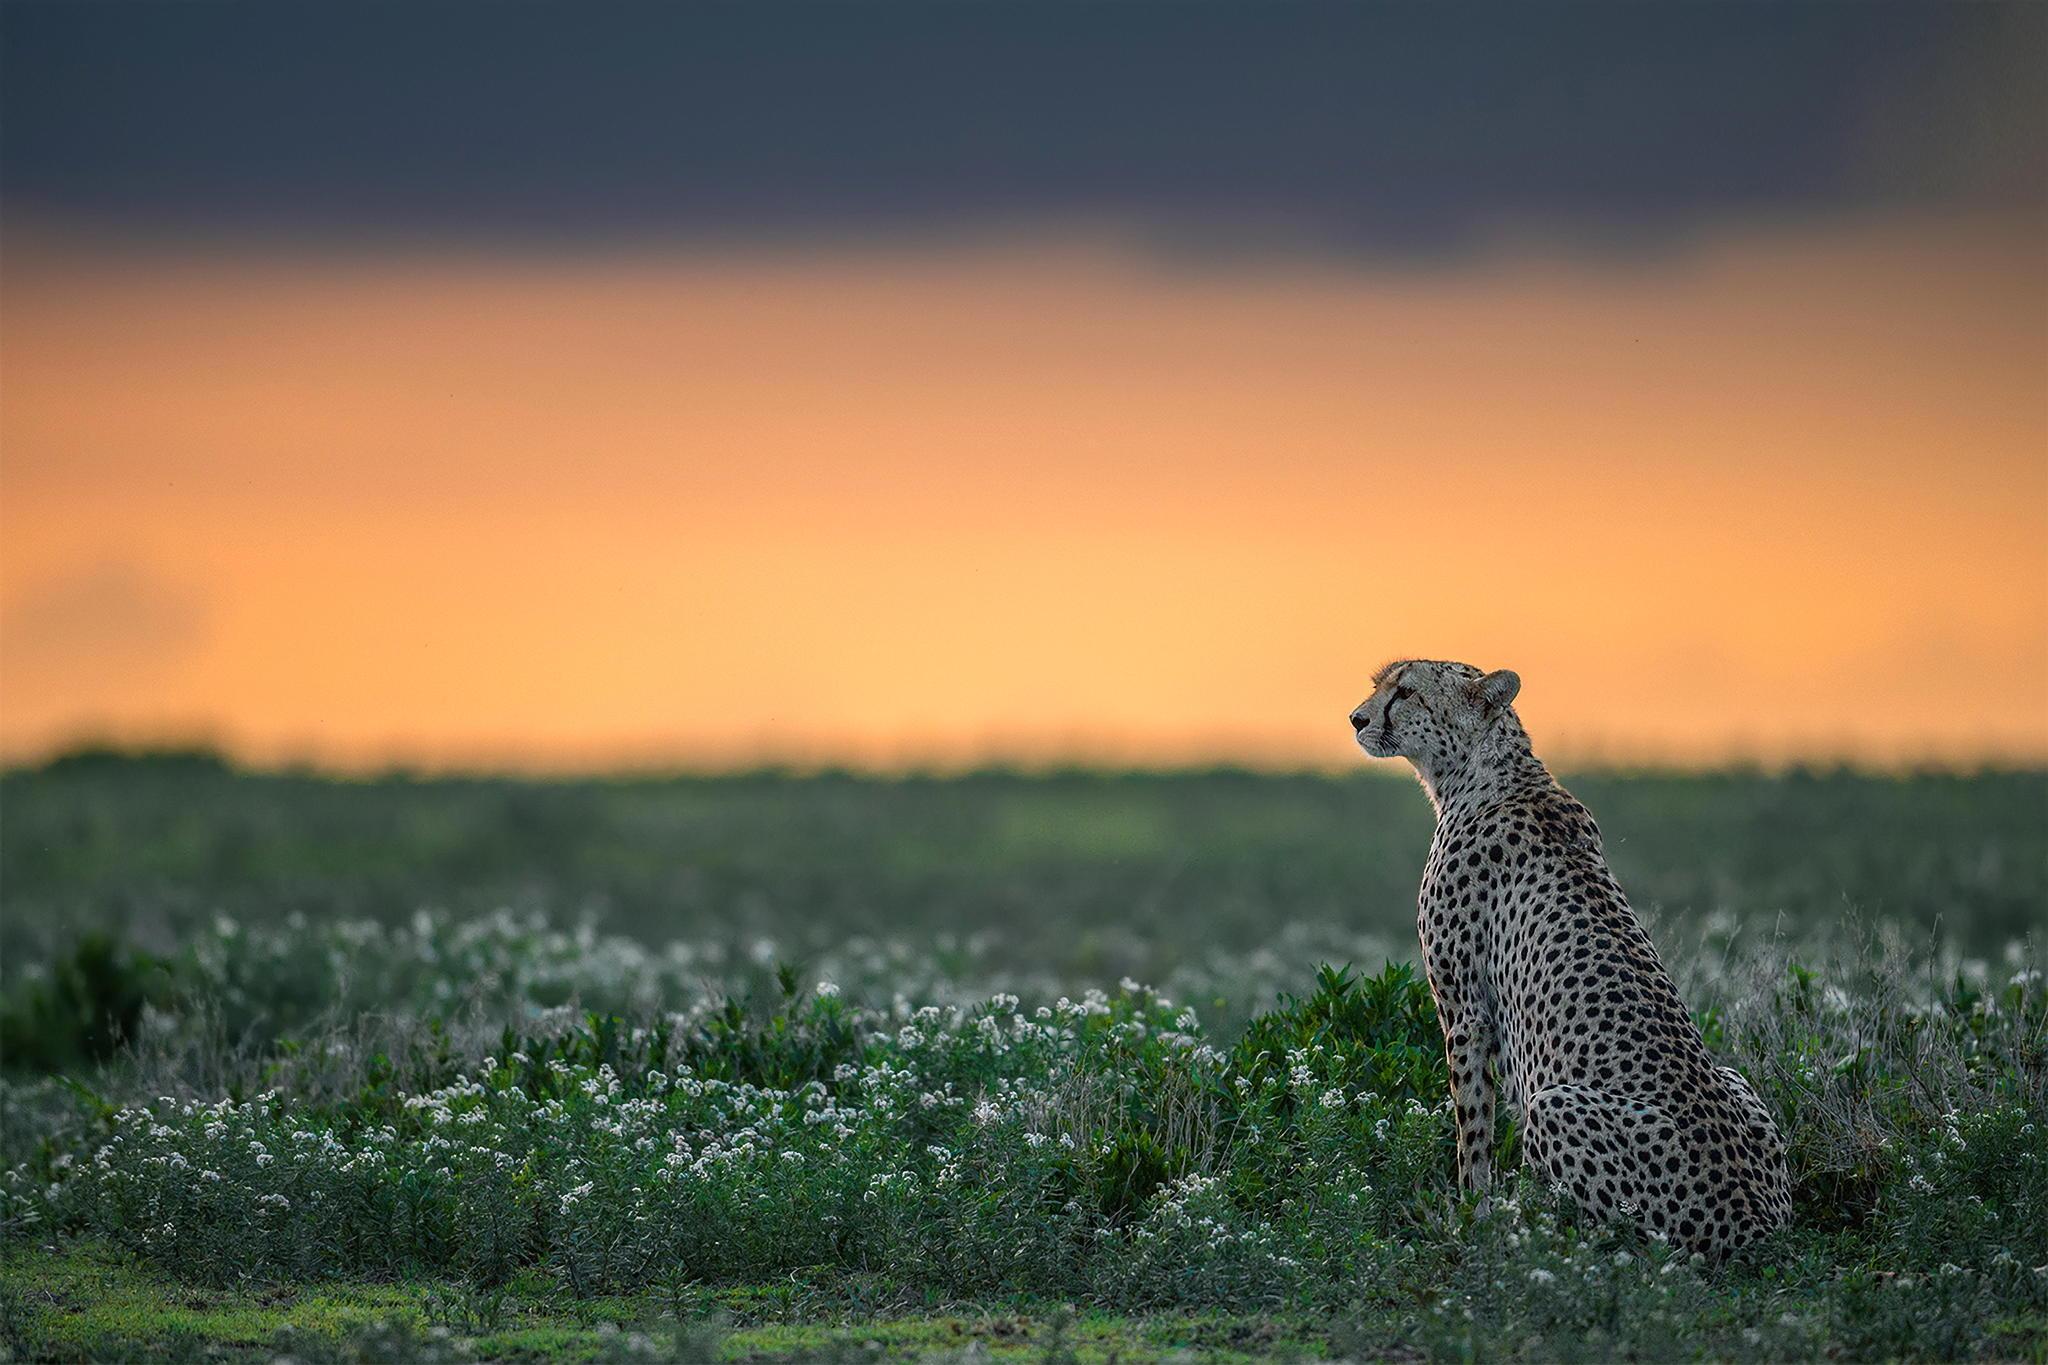 природа животные Гепарды камни трава дерево горизонт  № 276688  скачать